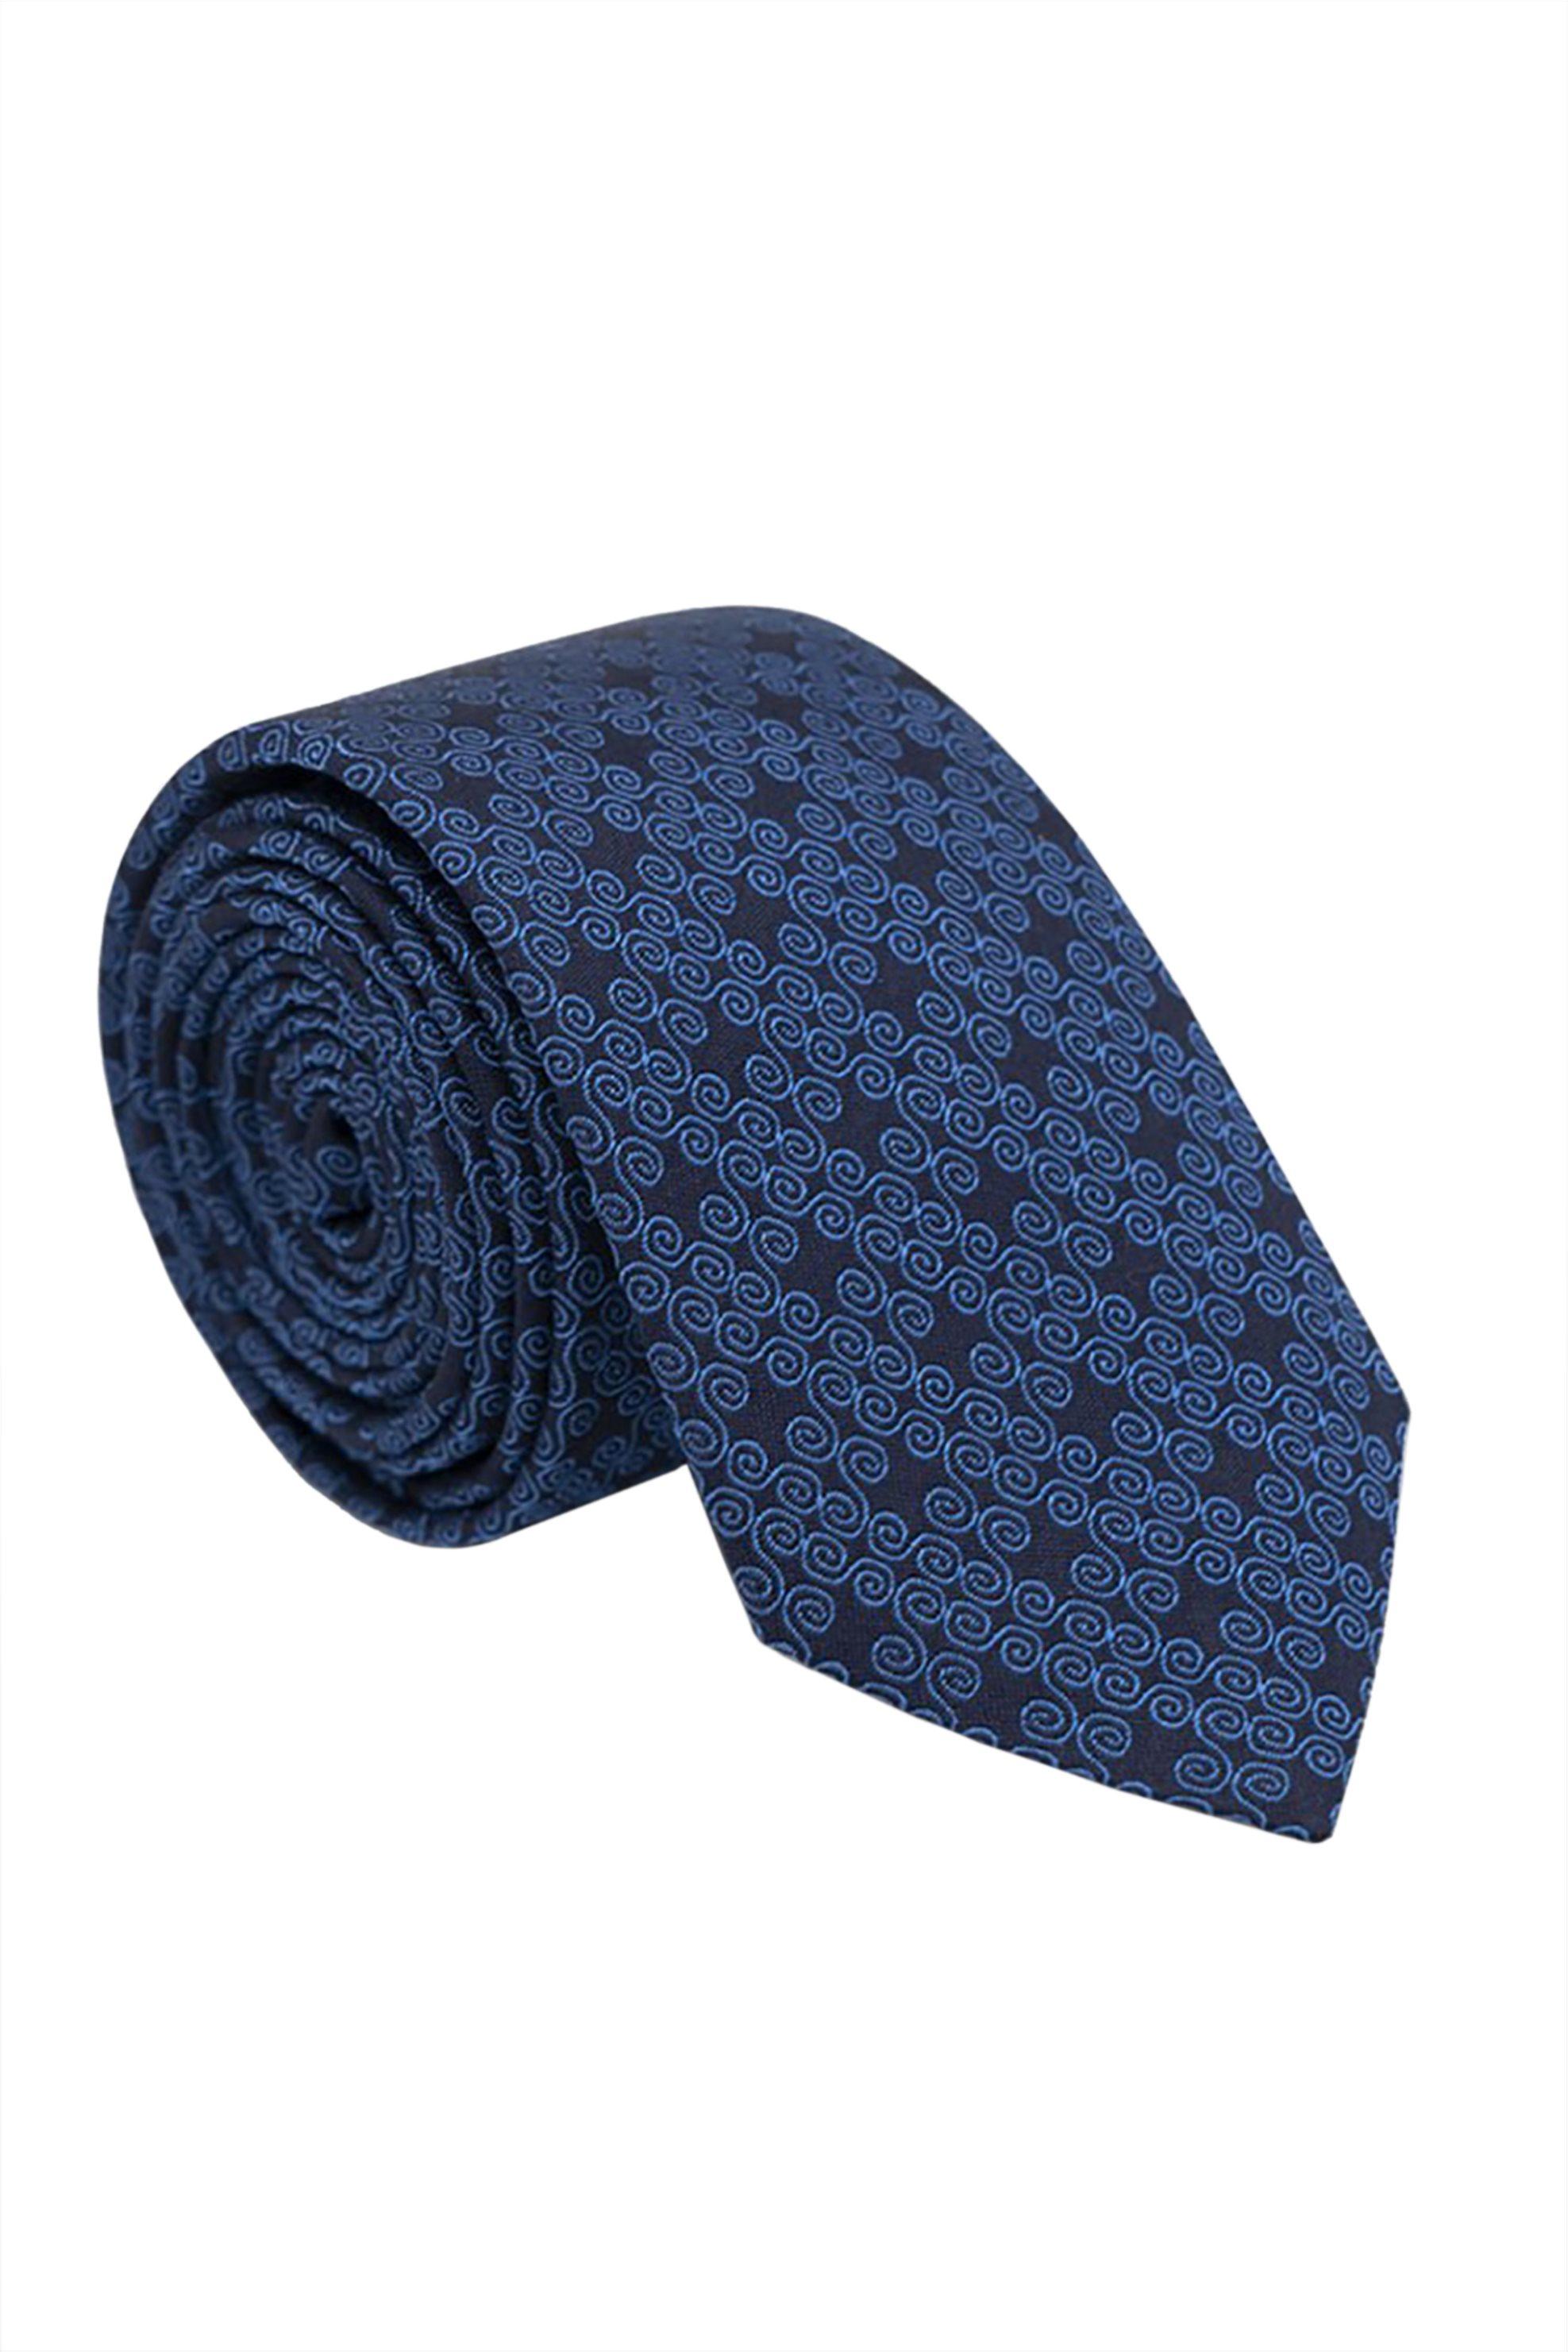 Oxford Company ανδρική μεταξωτή γραβάτα με γεωμετρικό σχέδιο - TIE51-418.01 - Μπλε Σκούρο